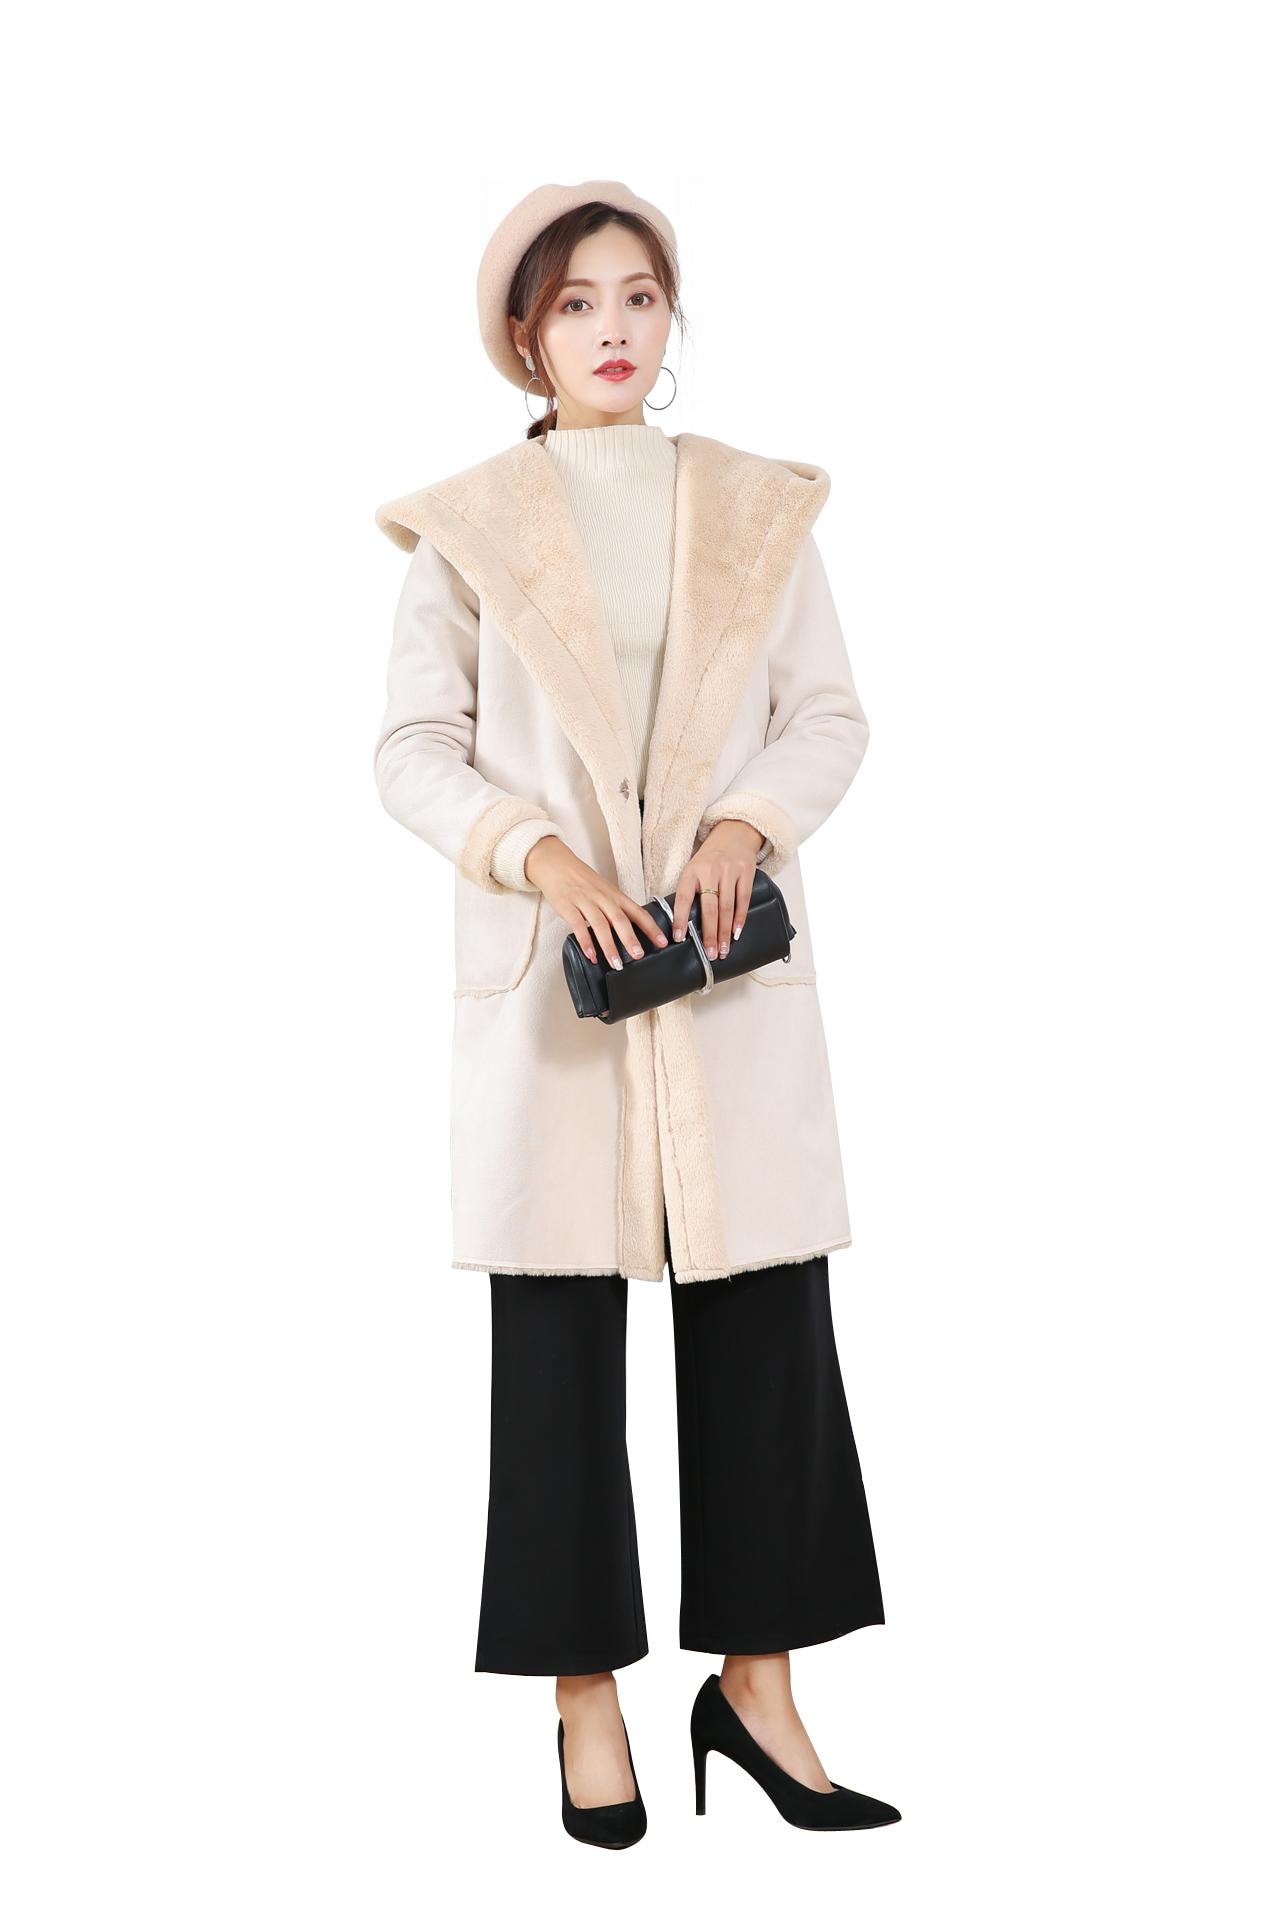 Искусственная pelzmantel Женская Корейская версия из меха пальто осень и зима Для женщин меха один мех пальто длинная куртка с секциями Кепки ол... - 5